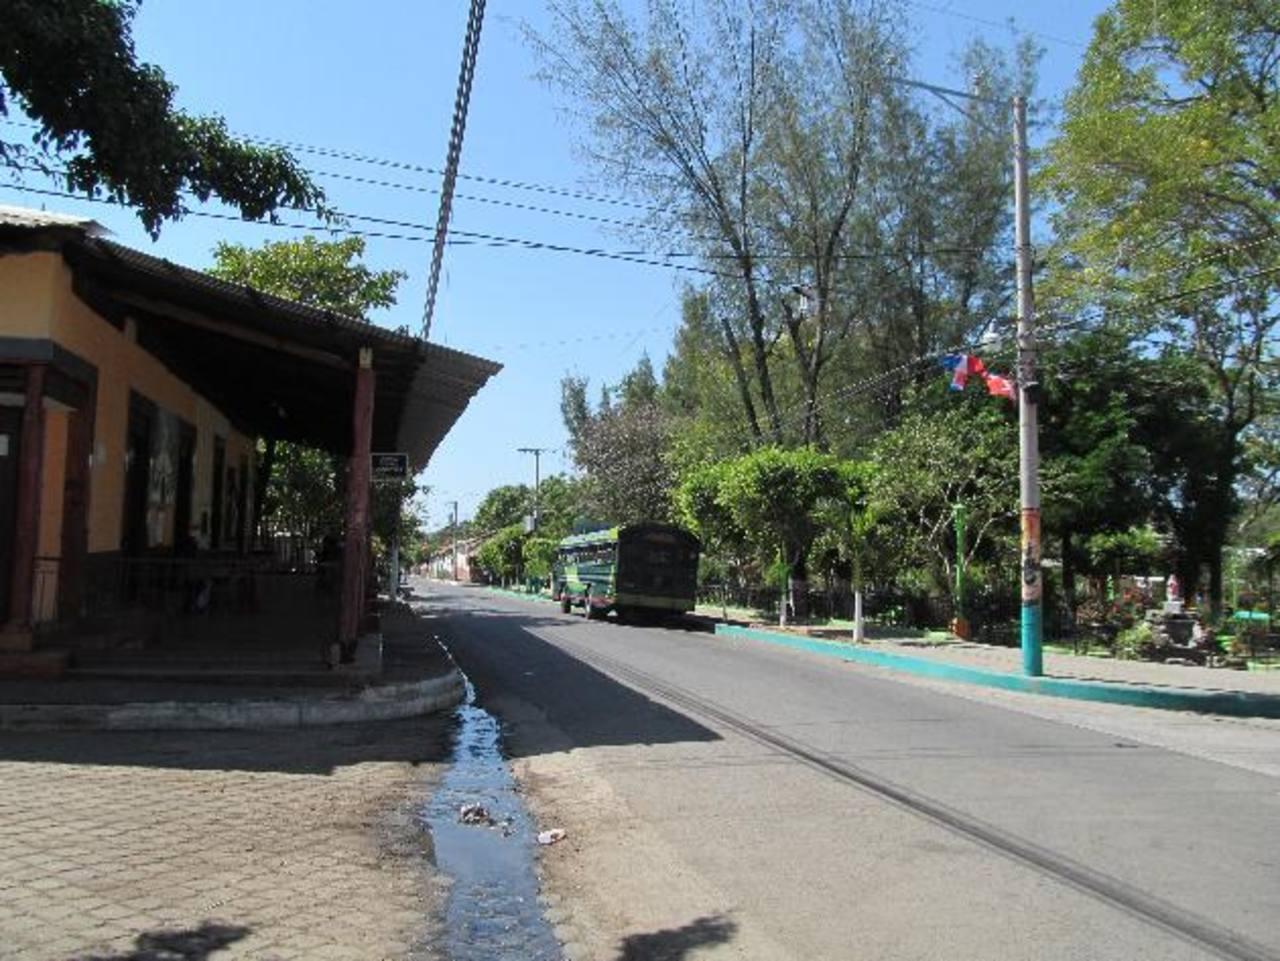 Calle que conduce al cantón Jocote Dulce, Ozatlán, considerado por la PNC como bastión de la MS. En 2013, de 14 homicidios registrados en el municipio, siete fueron cometidos en ese cantón.